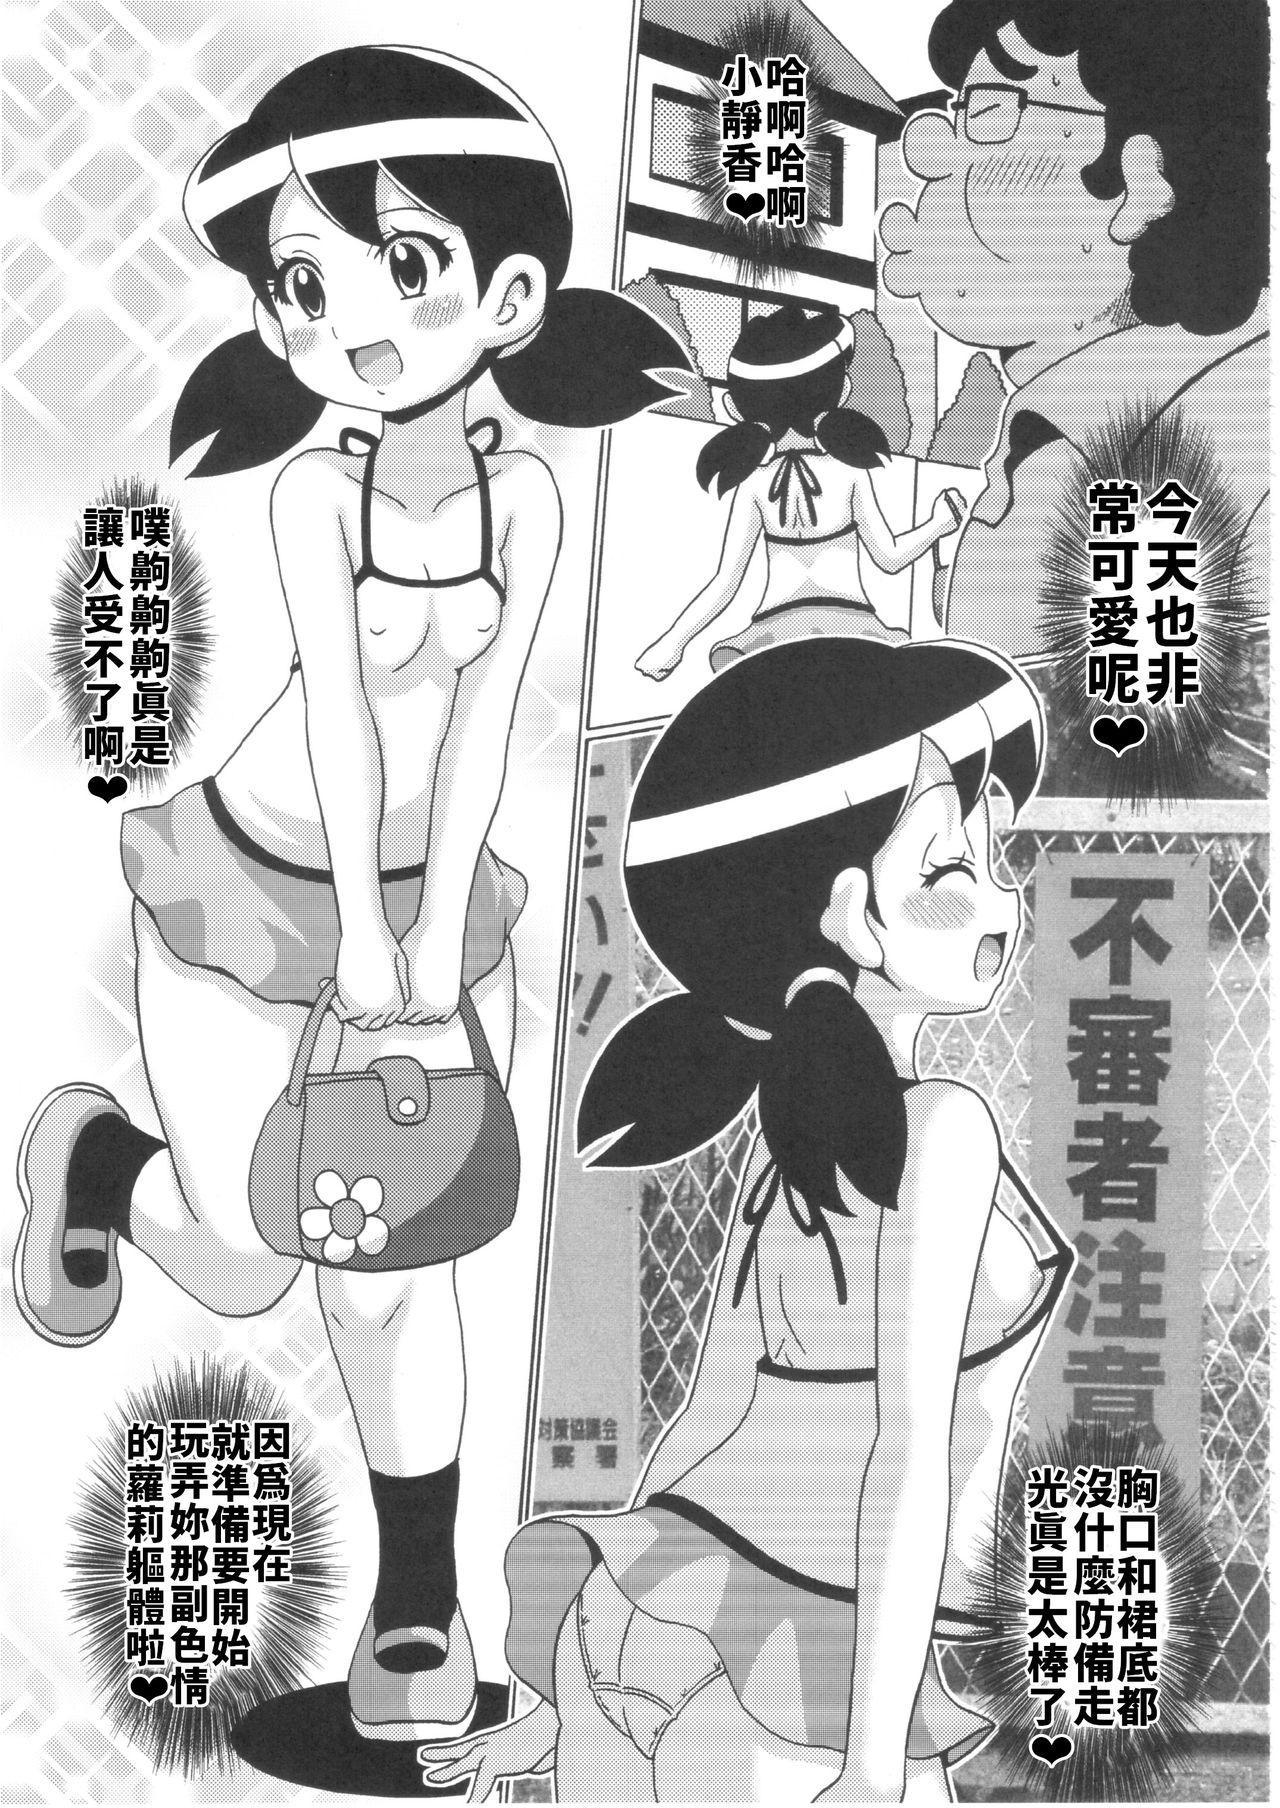 Shizuka-chan no SF na Hon | 小静香的SF本 6